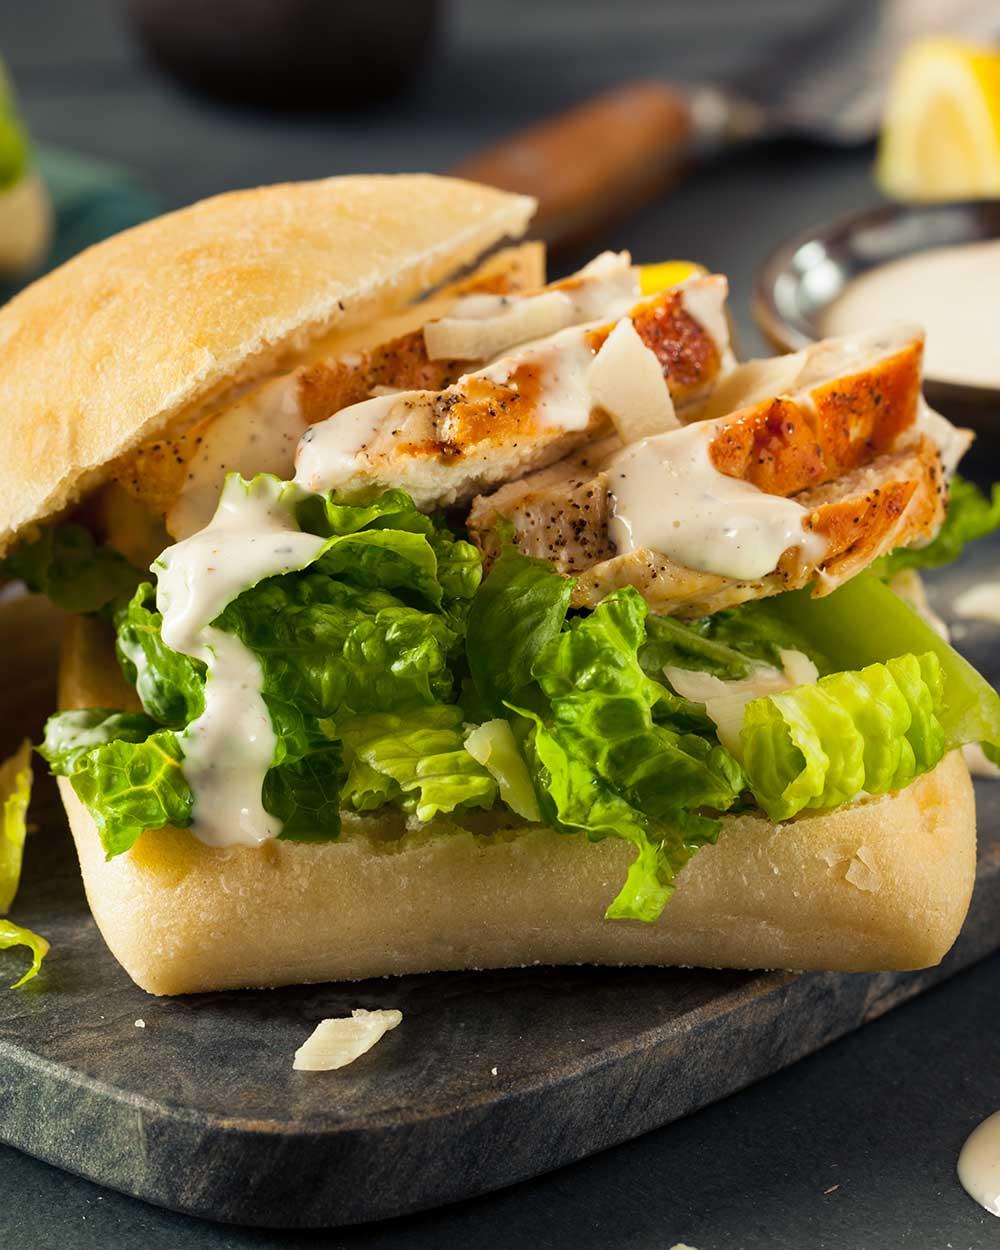 Orange Barbecue Chicken Sandwiches